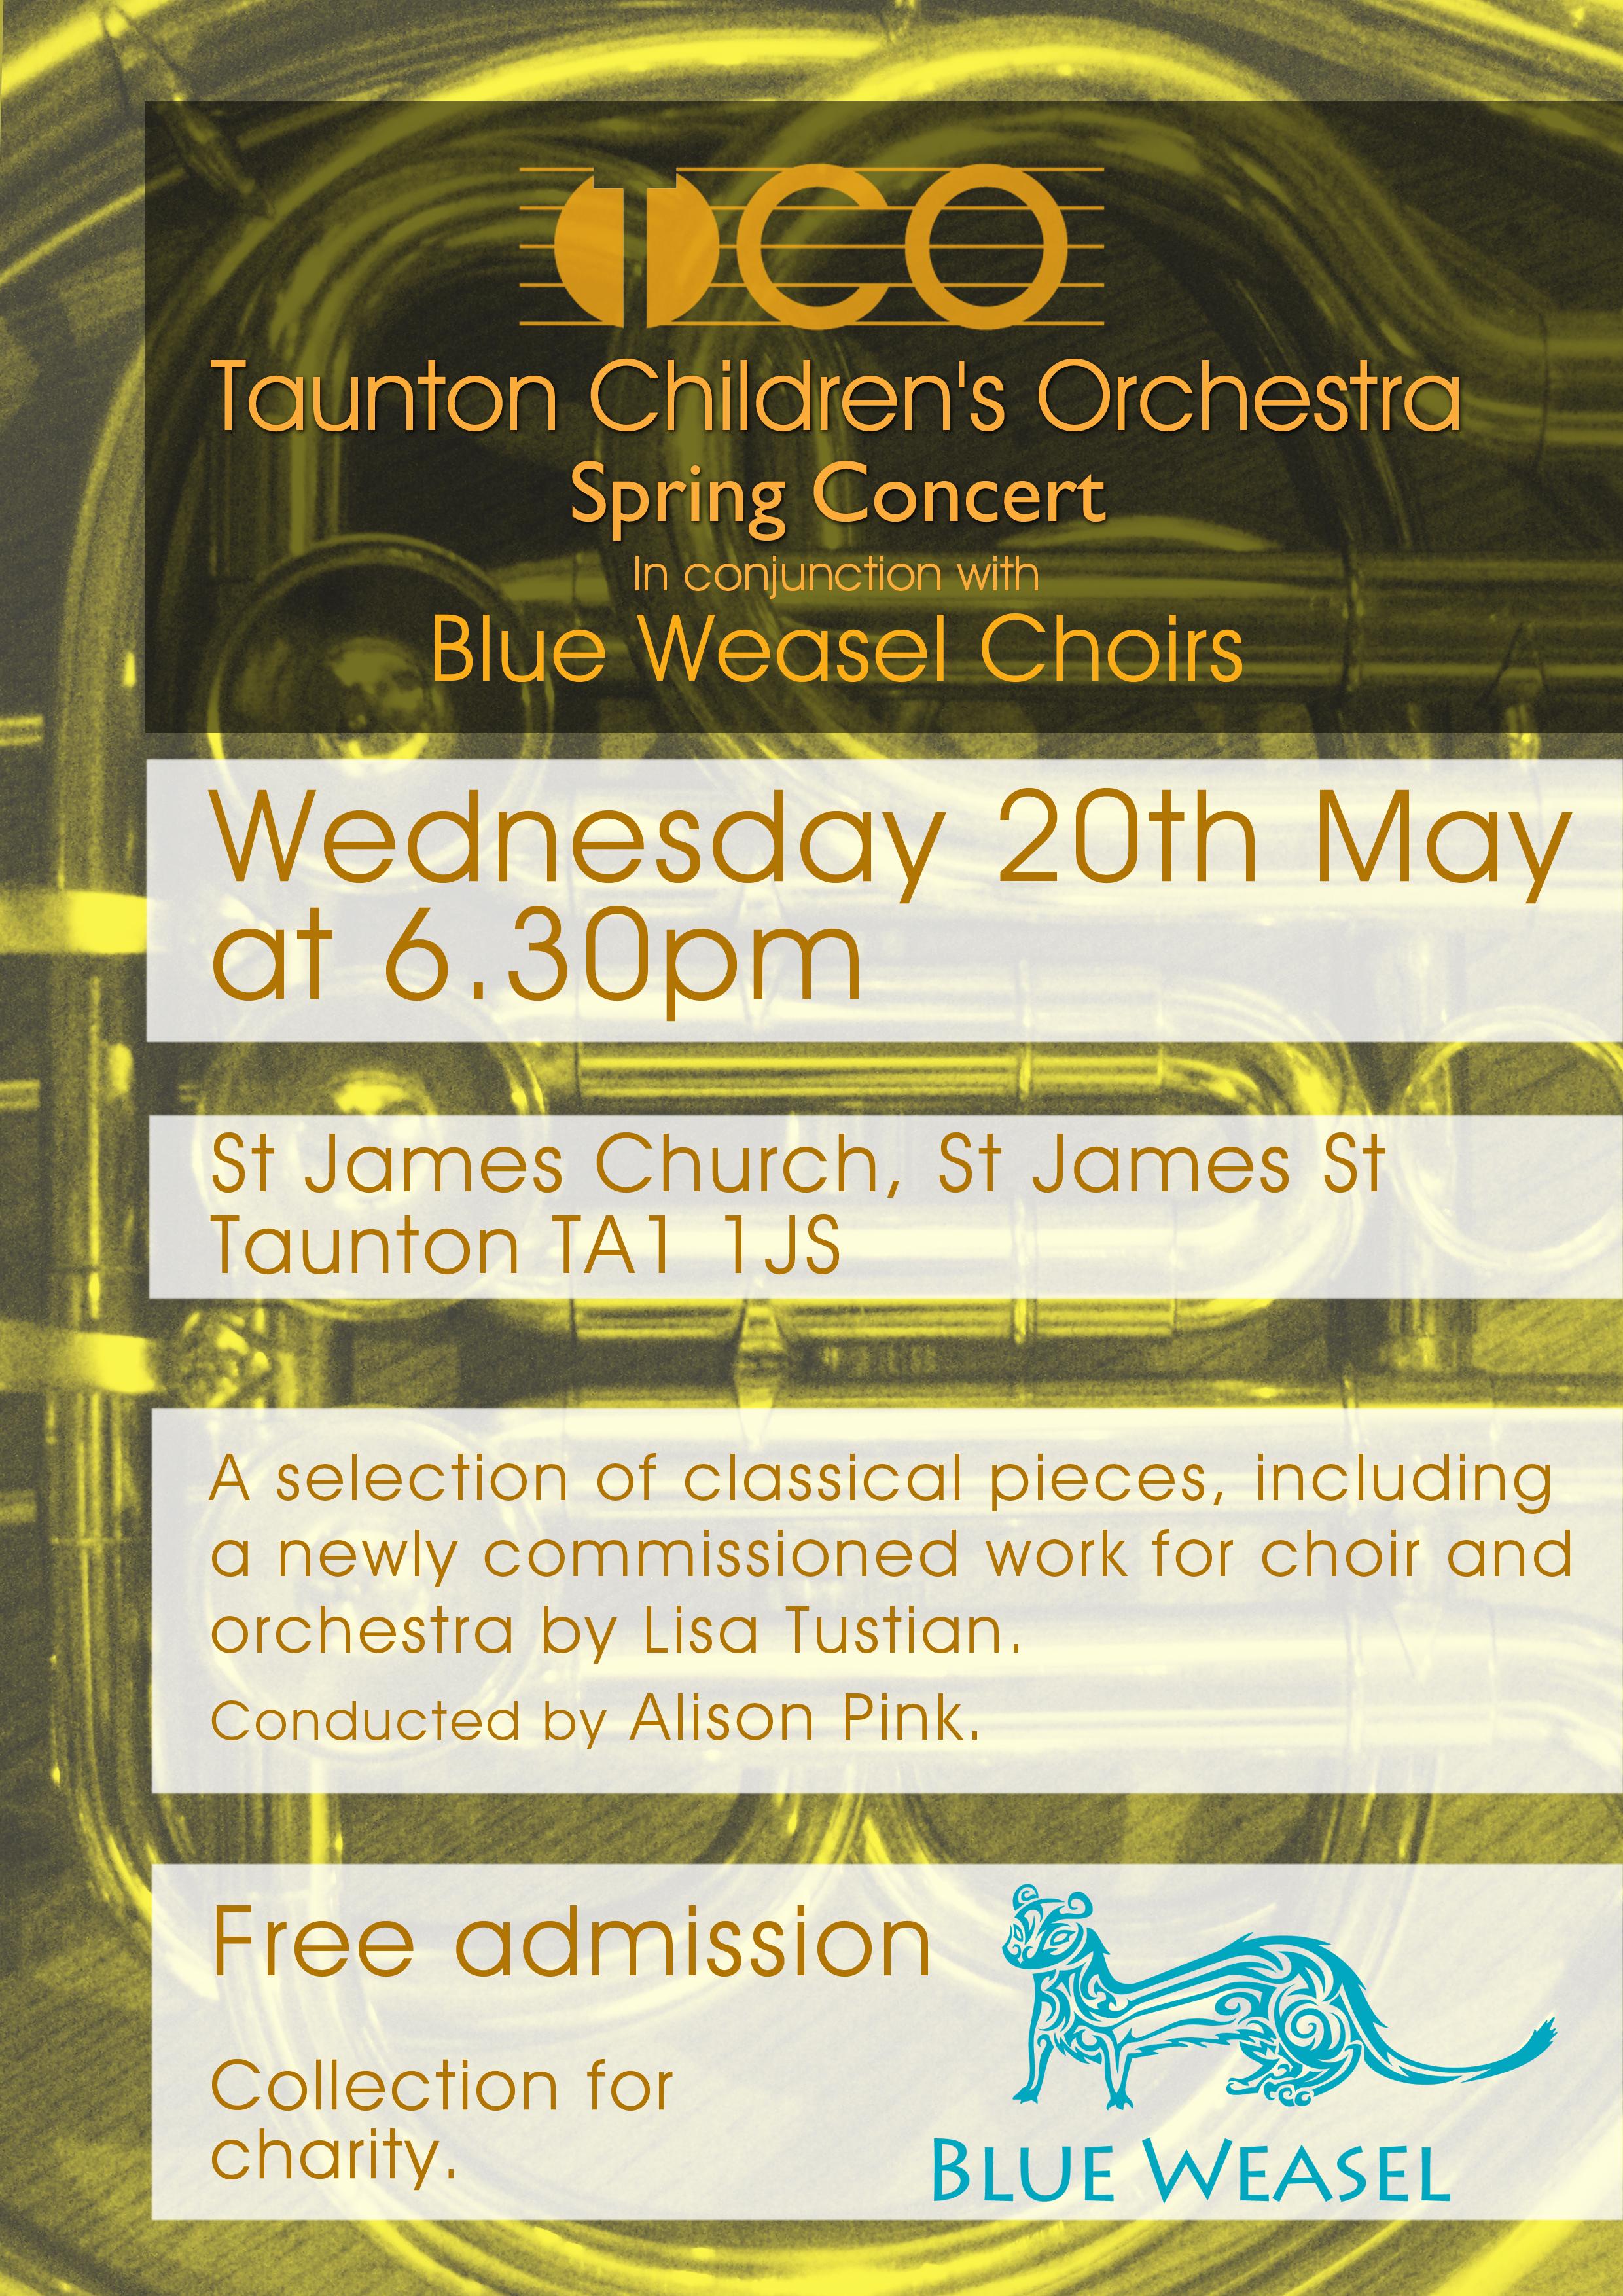 Taunton Children's Orchestra Spring Concert